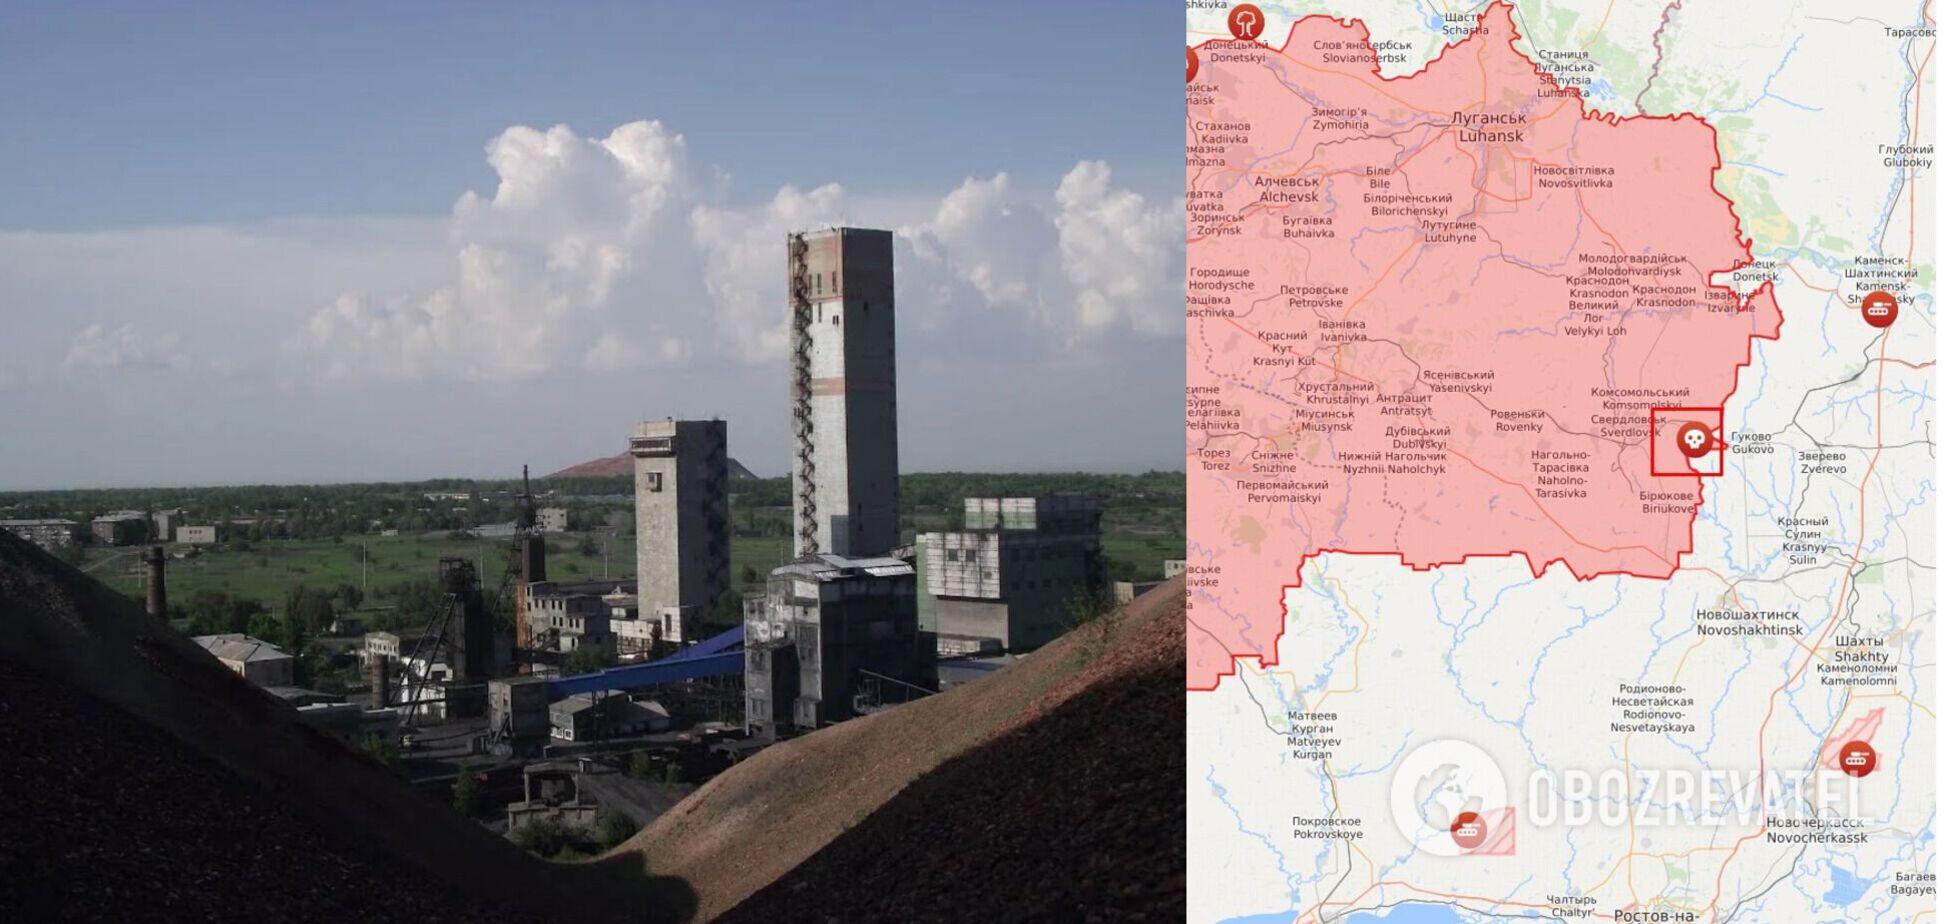 На оккупированном Донбассе произошла авария на шахте, погибли 9 человек, много пострадавших